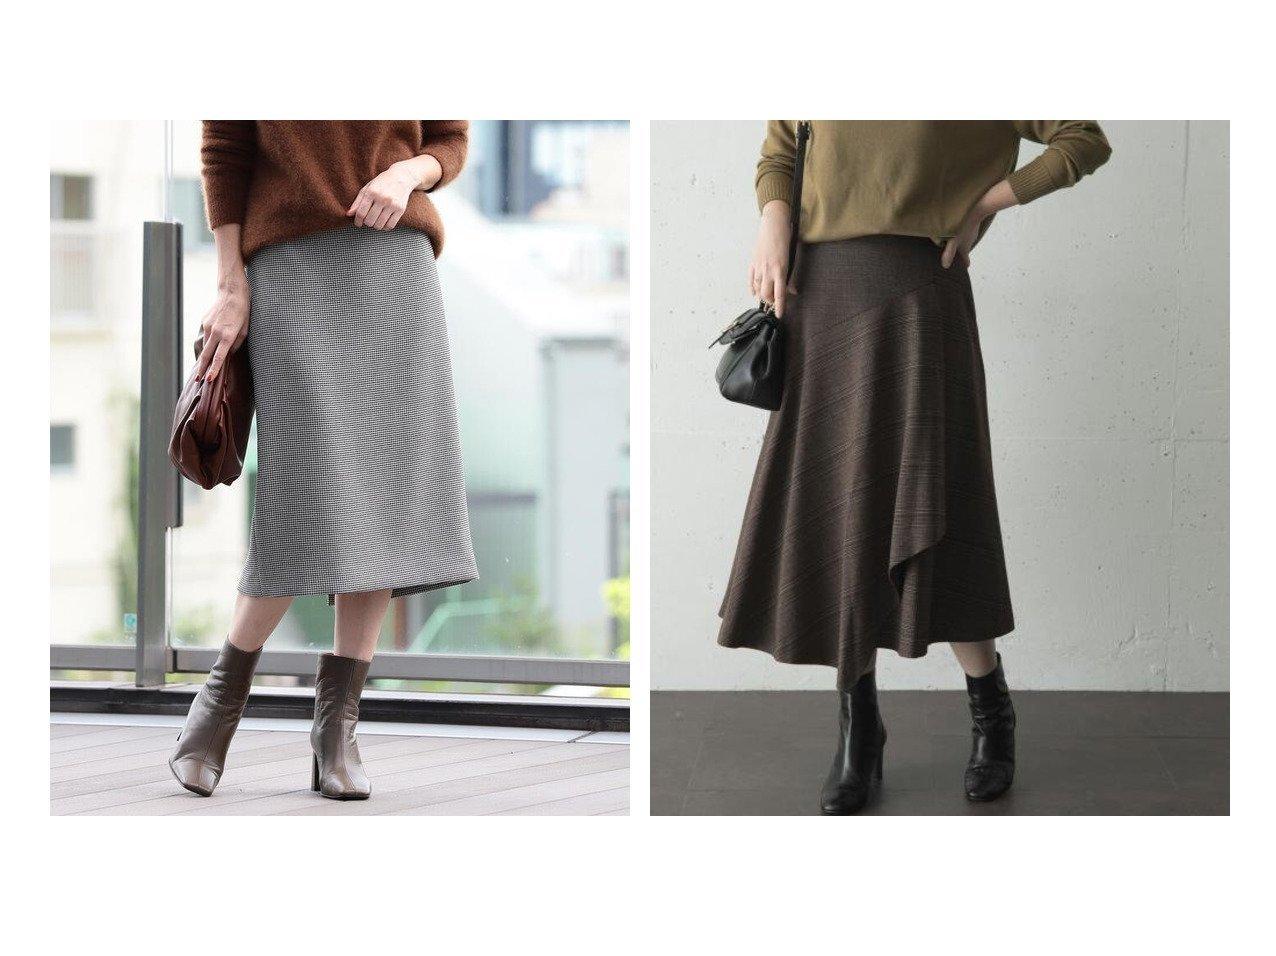 【Demi-Luxe BEAMS/デミルクス ビームス】のDemi- チェック タイトスカート&【URBAN RESEARCH ROSSO/アーバンリサーチ ロッソ】のチェックドッキングスカート スカートのおすすめ!人気、レディースファッションの通販 おすすめで人気のファッション通販商品 インテリア・家具・キッズファッション・メンズファッション・レディースファッション・服の通販 founy(ファニー) https://founy.com/ ファッション Fashion レディース WOMEN スカート Skirt クラシカル ストレッチ スリット タイトスカート ダブル チェック フェイス アシンメトリー ドッキング ポケット ルーズ ワイド |ID:crp329100000002184